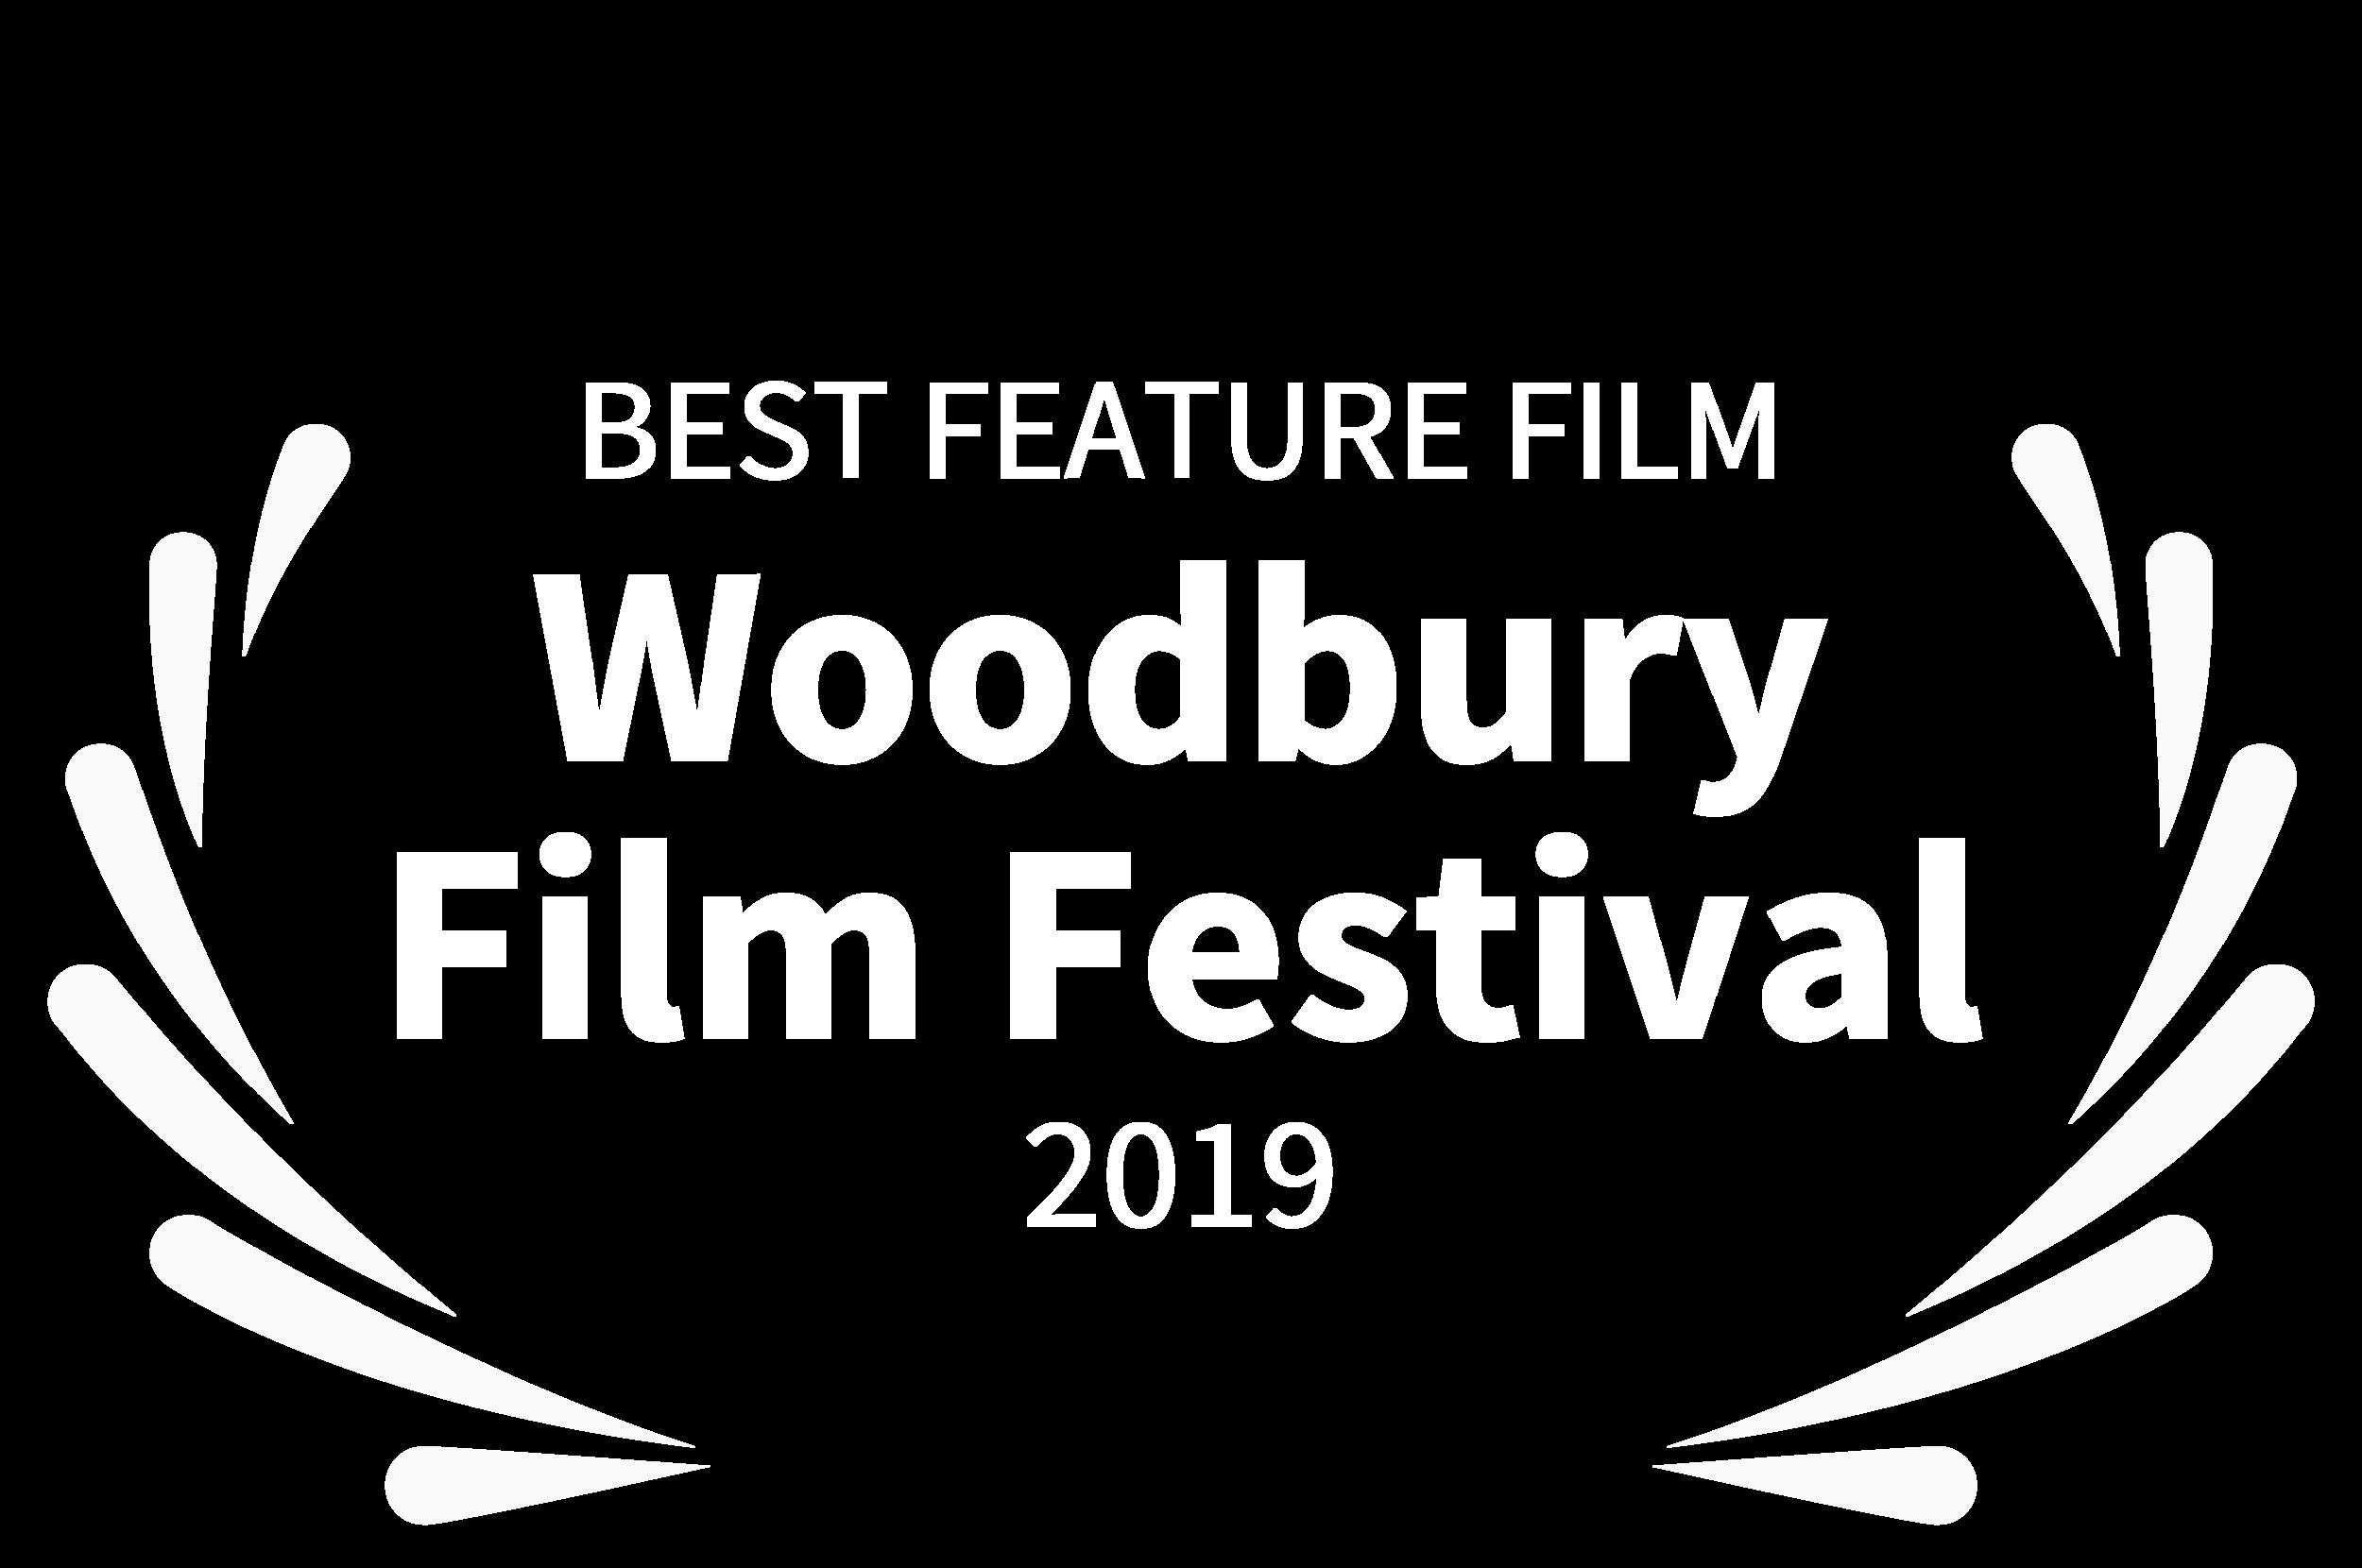 BESTFEATUREFILM-WoodburyFilmFestival-2019.png